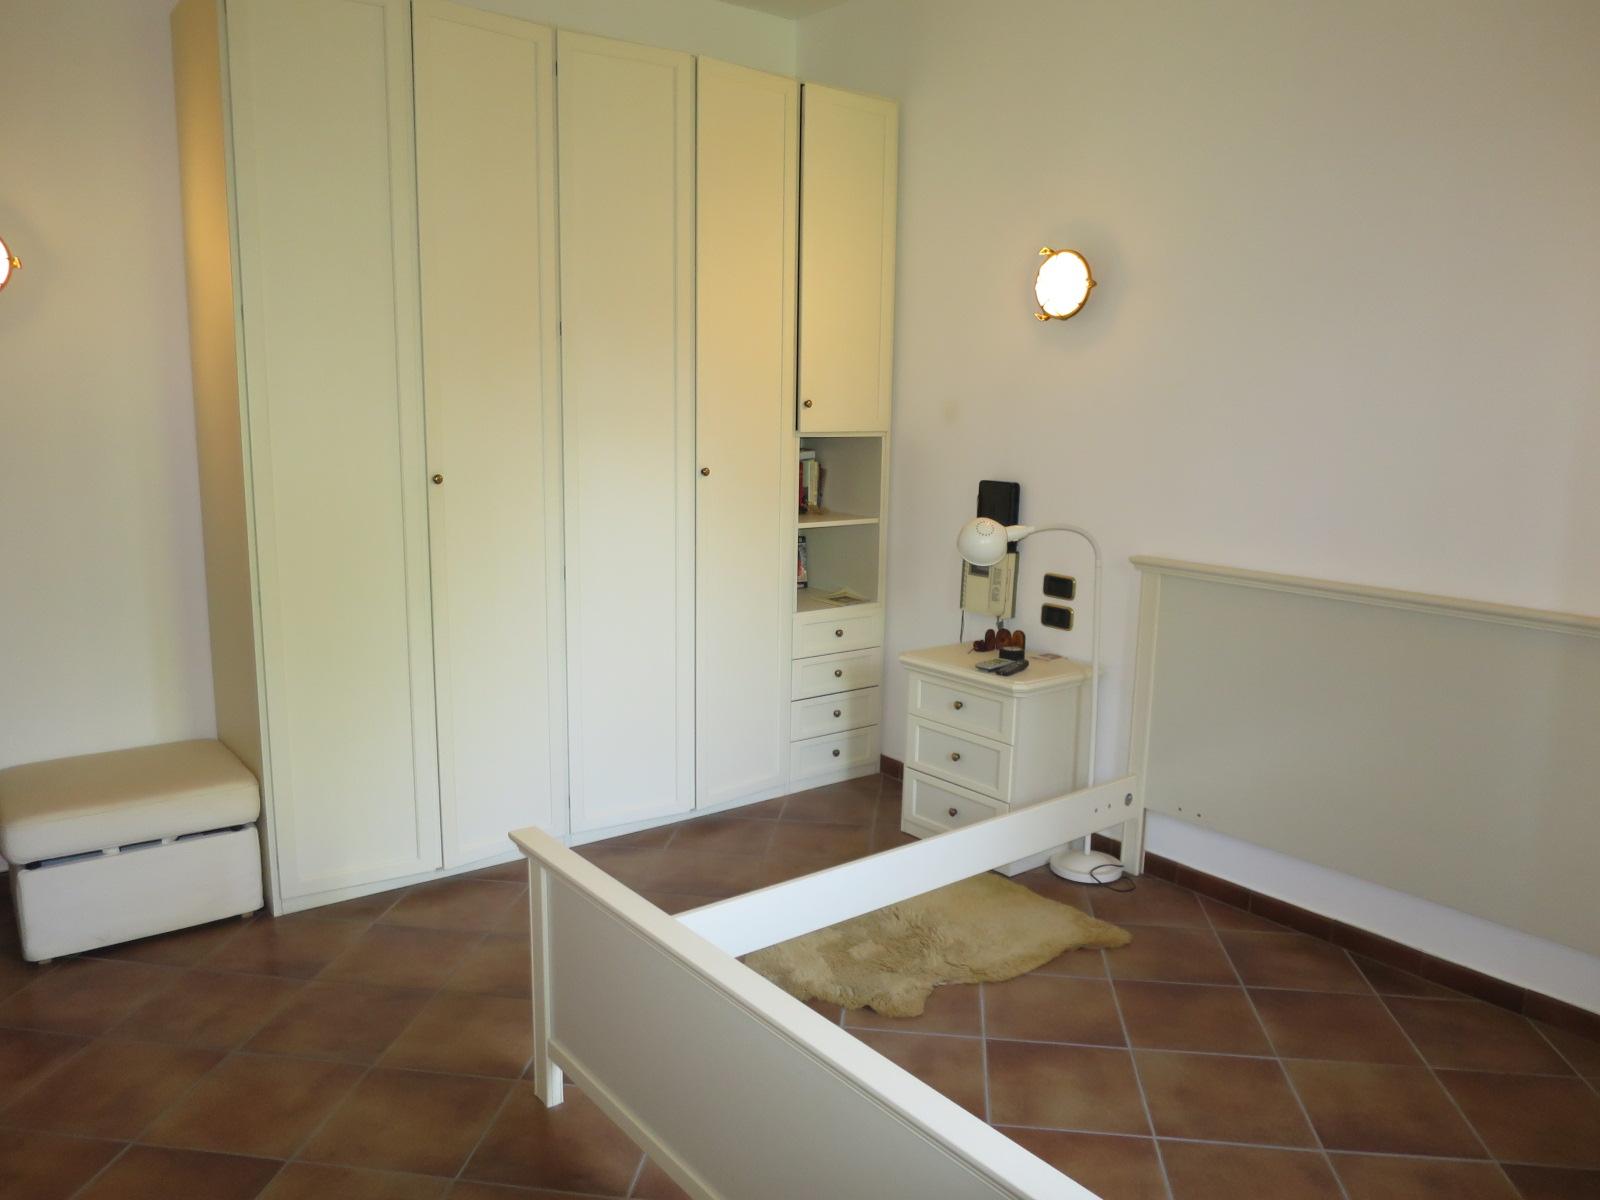 Villa Villa for sale Roseto degli Abruzzi (TE), Villa del Marinaio - Roseto degli Abruzzi - EUR 385.559 500